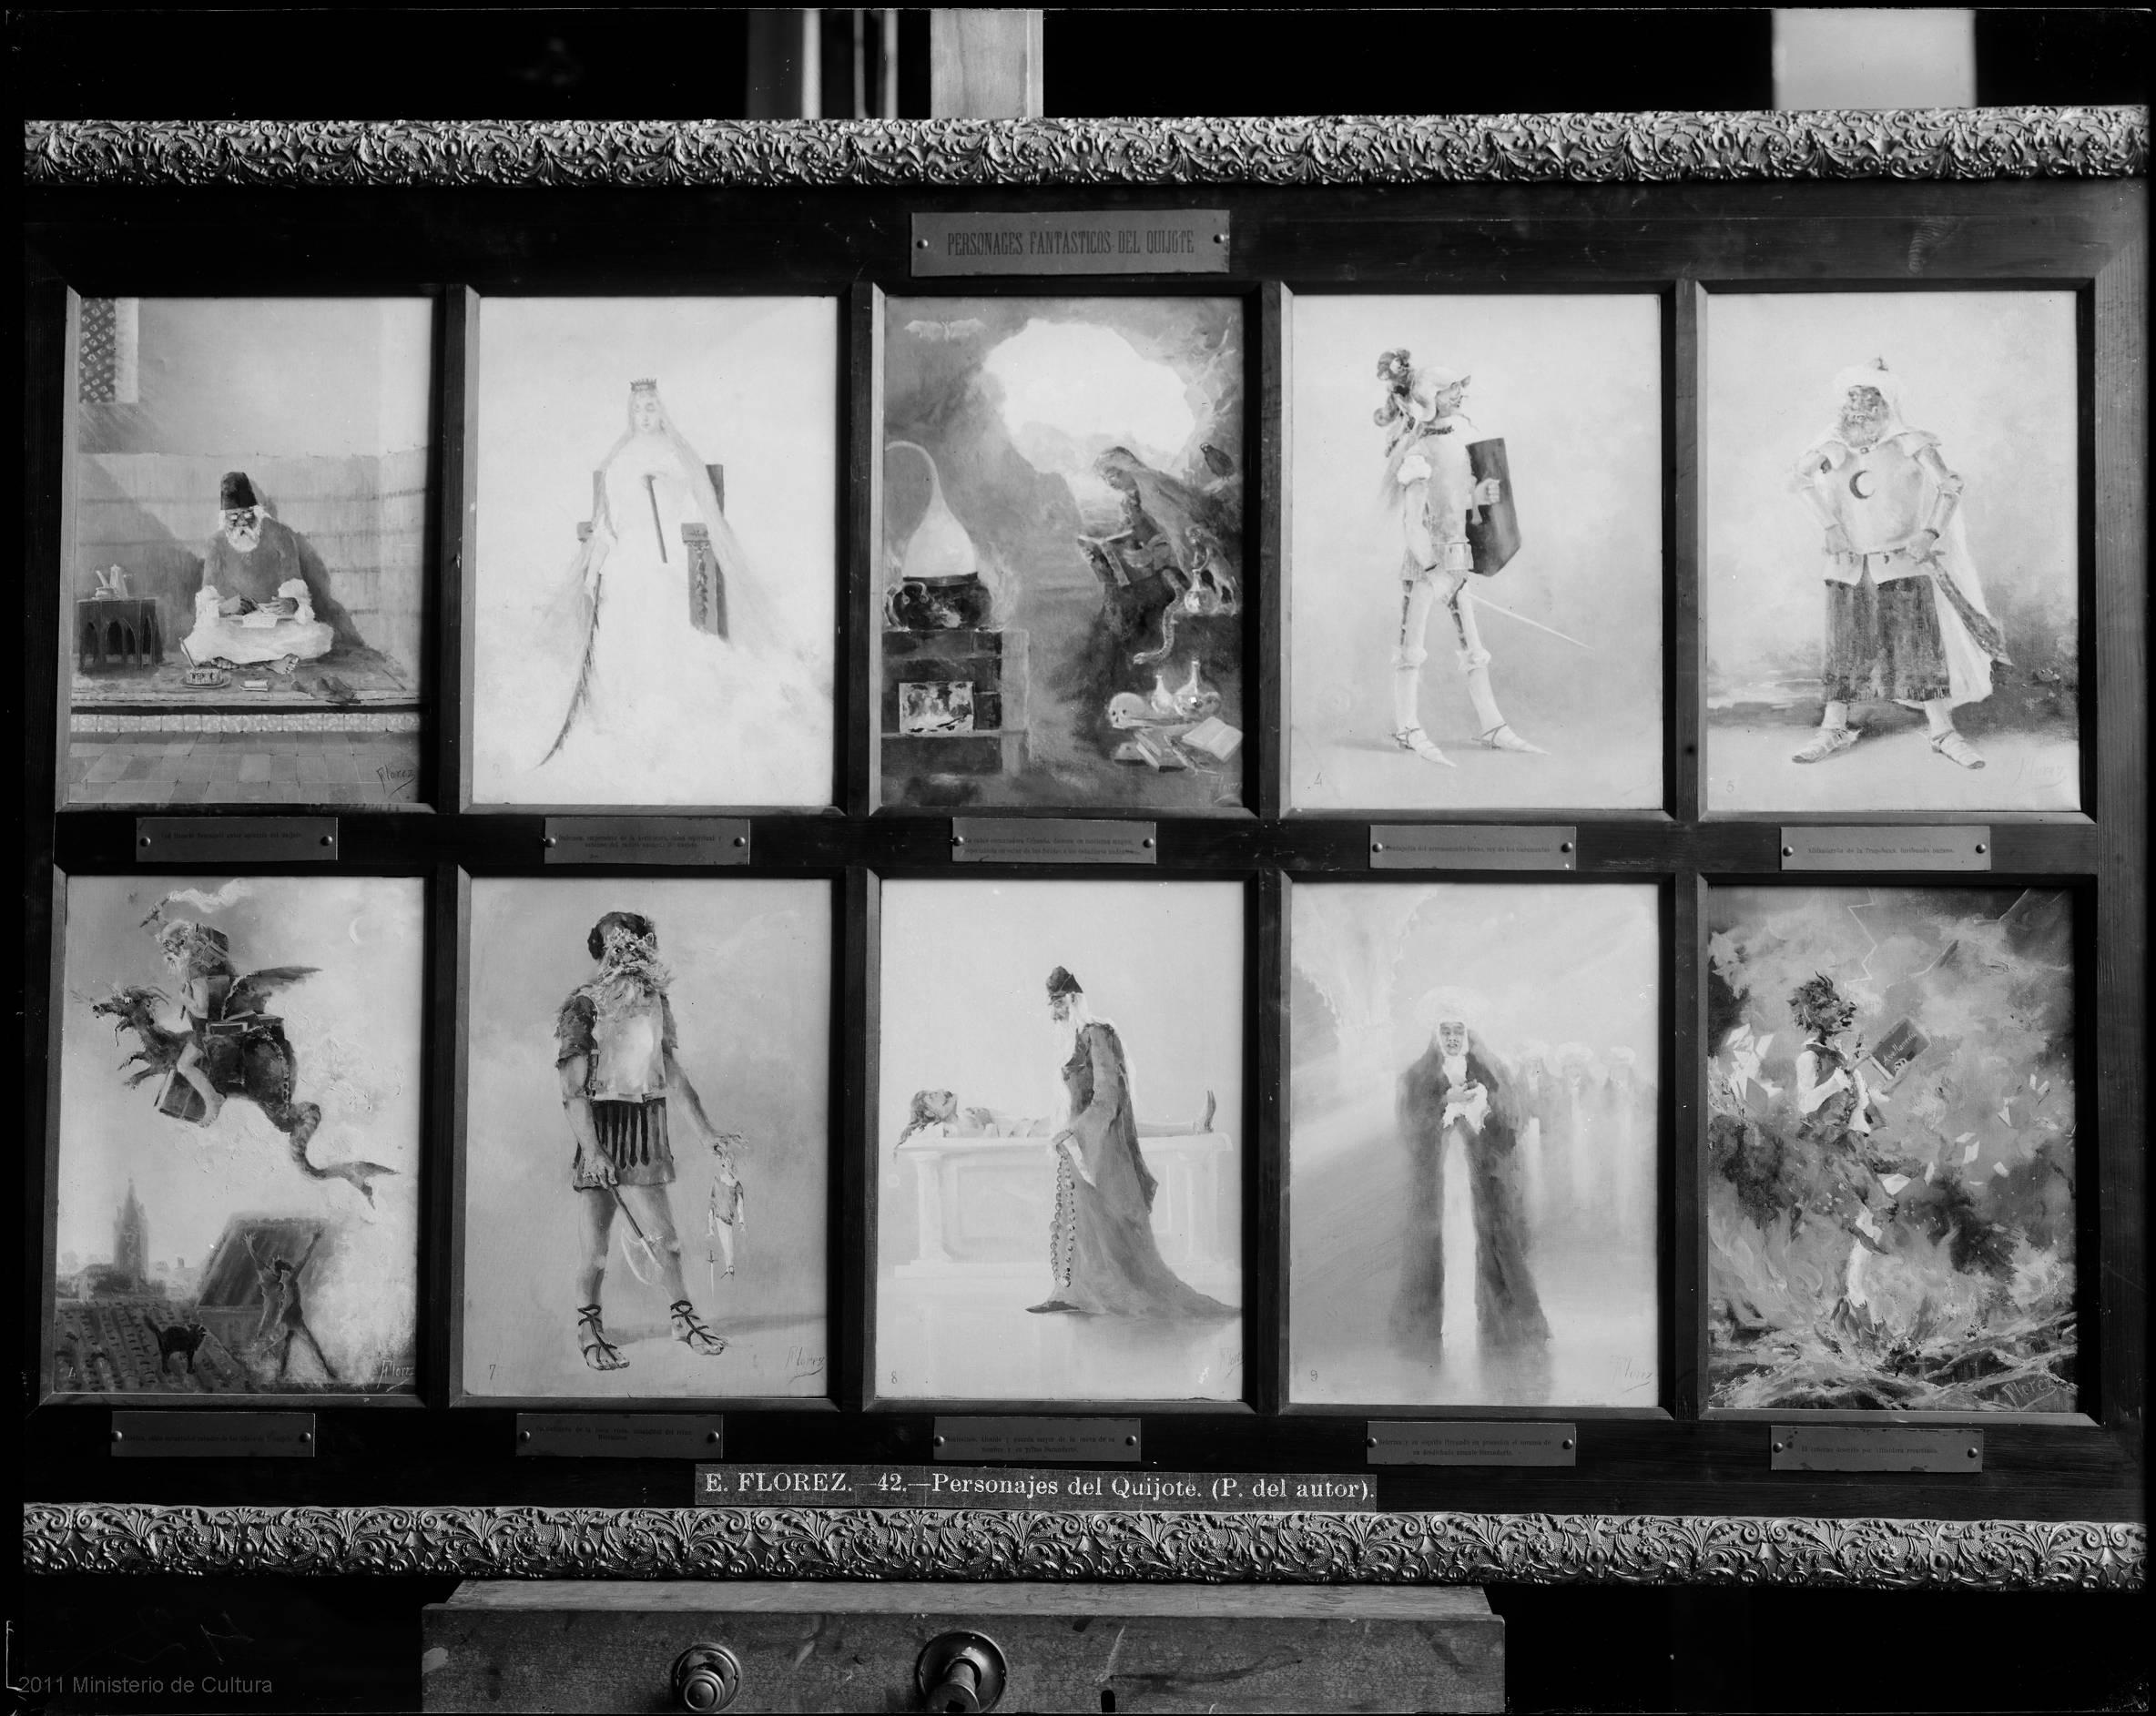 [E. FLOREZ - 42 - PERSONAJES DEL QUIJOTE. (P. DEL AUTOR)] [Material gráfico] / [Archivo Moreno]. Entre 1893-1954 [Fuente: BVPB a partir del Instituto del Patrimonio Cultural]